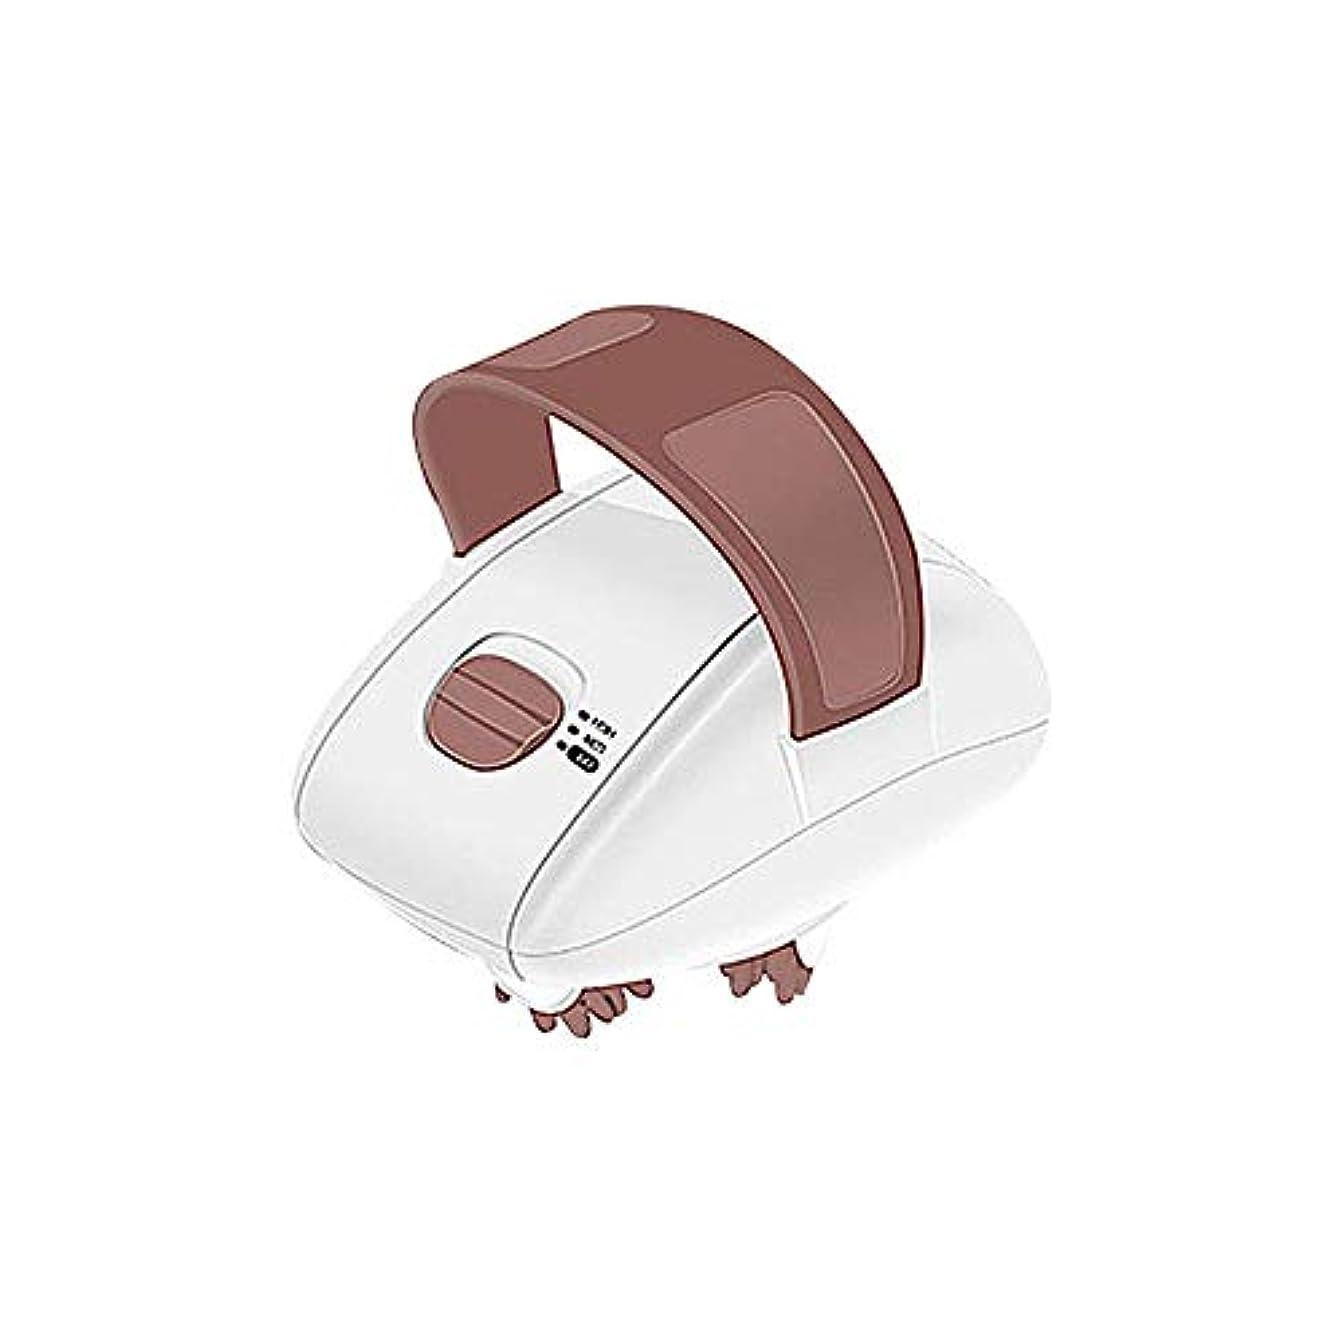 いじめっ子勤勉調和3D ミニボディスリム 電動ギアミニマッサージャー 多機能 ボディ ハード マッサージローラー 美脚 腕痩せ 疲れ解消 全身にマッサージ ダイエット 電動ローラー ミニ脂肪マッサージ師 2色選べる